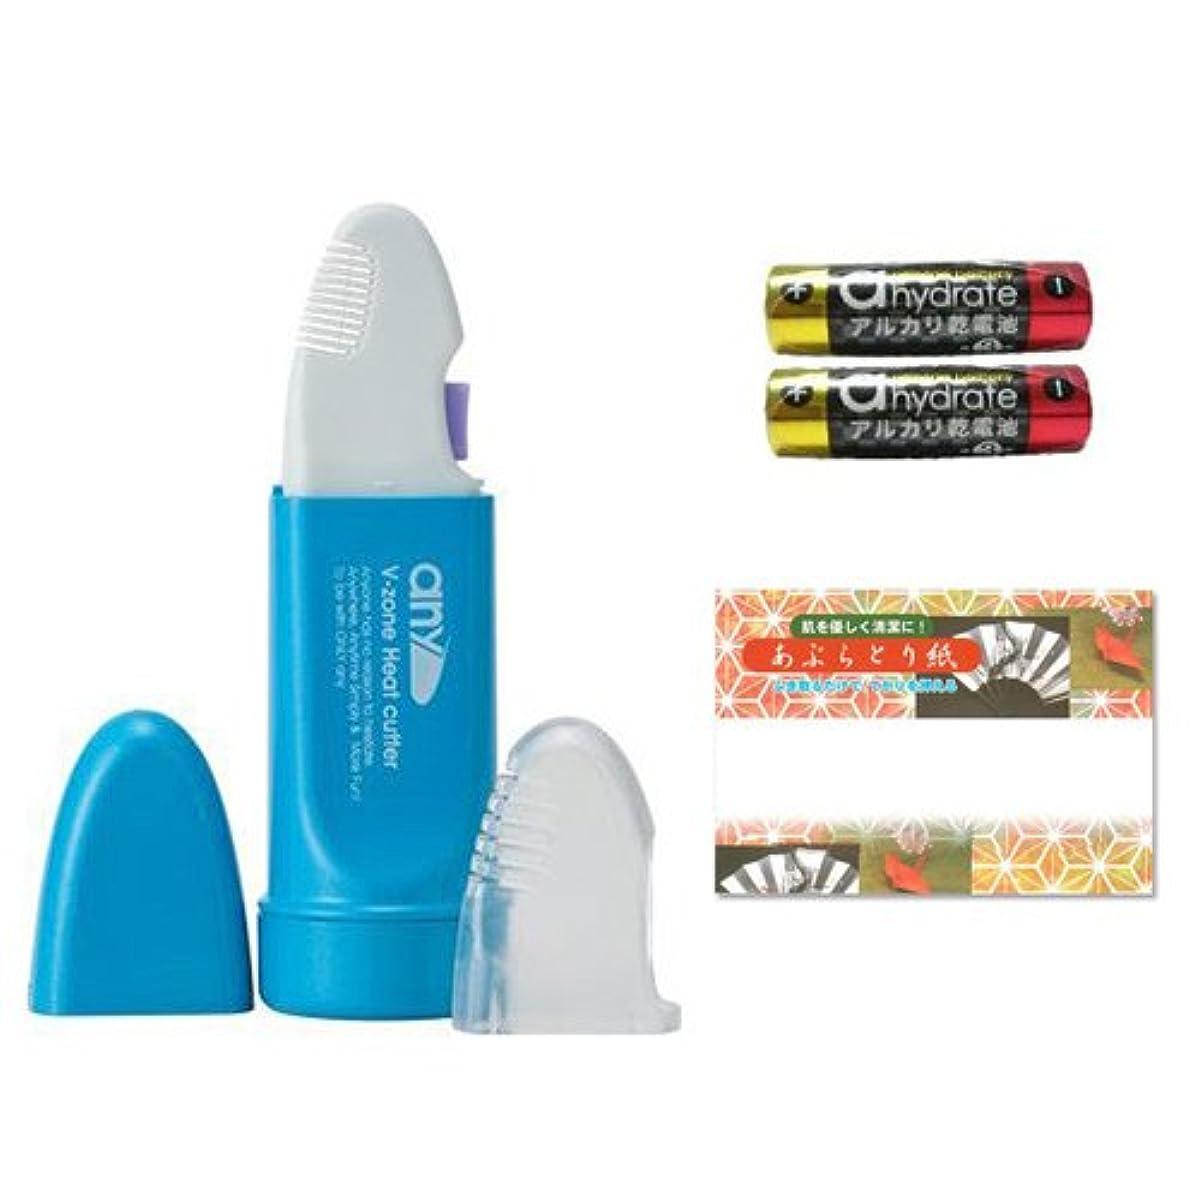 デンマークエンゲージメント謙虚なV-Zone Heat Cutter any(エニィ) Stylish マリンブルー + 単3アルカリ電池2本付きセット + あぶらとり紙 付き